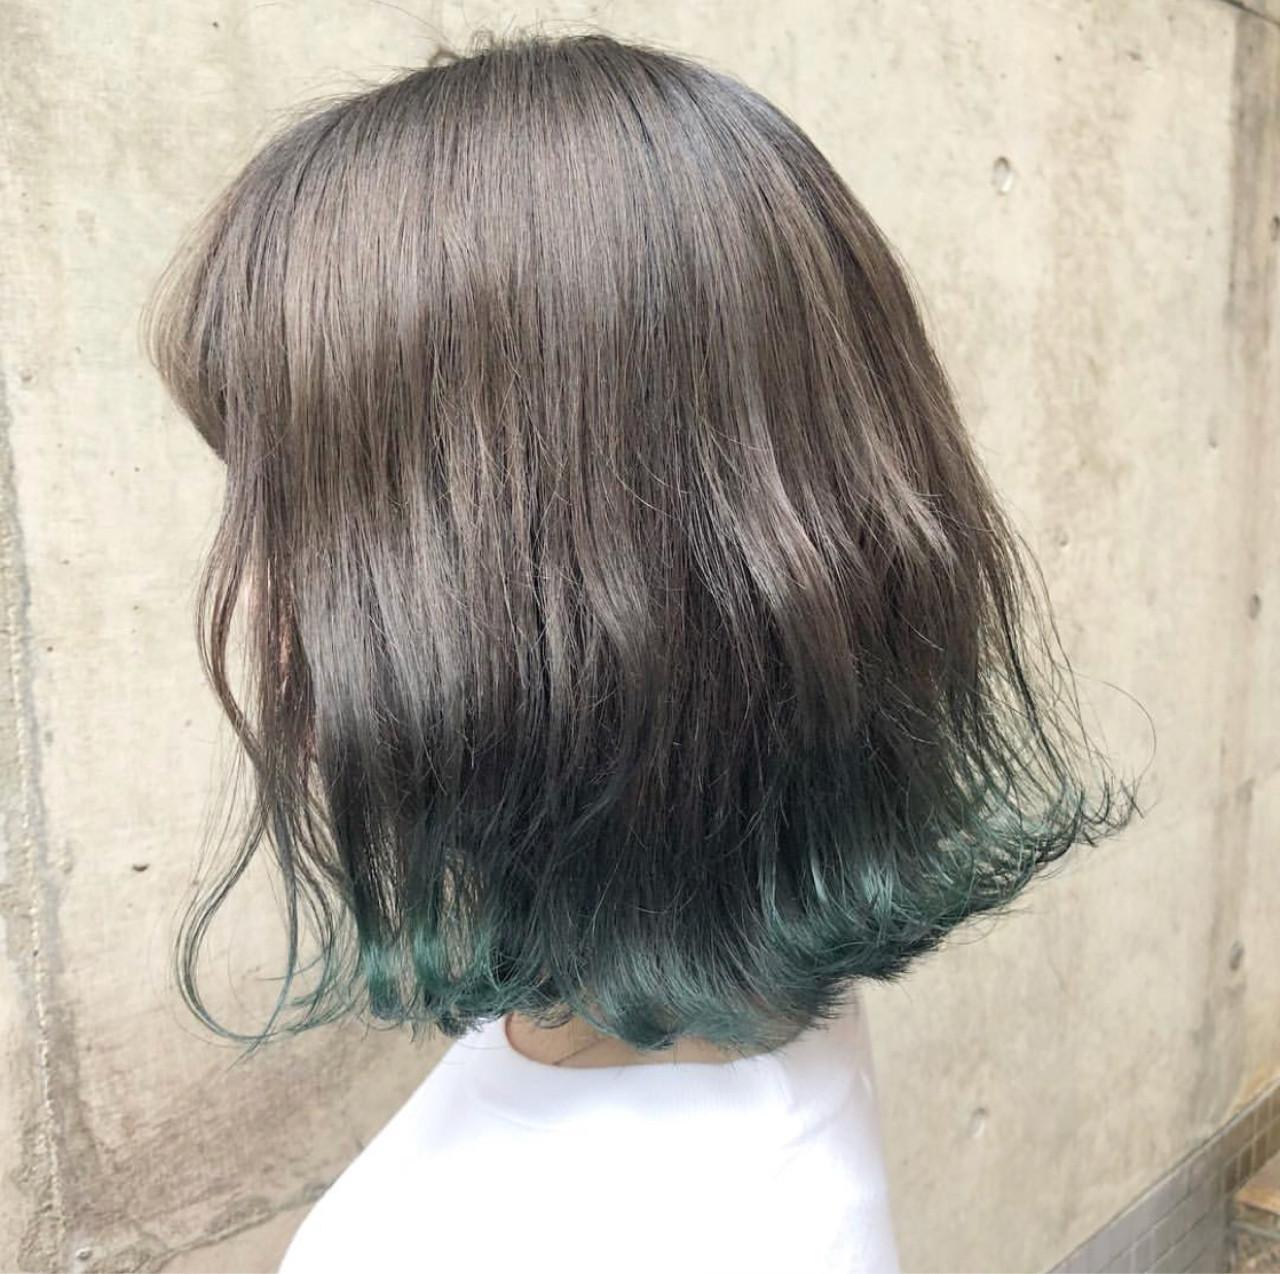 緑の髪色で作る透明感♡ナチュラル個性派髪色に挑戦したいアナタに♡の7枚目の画像